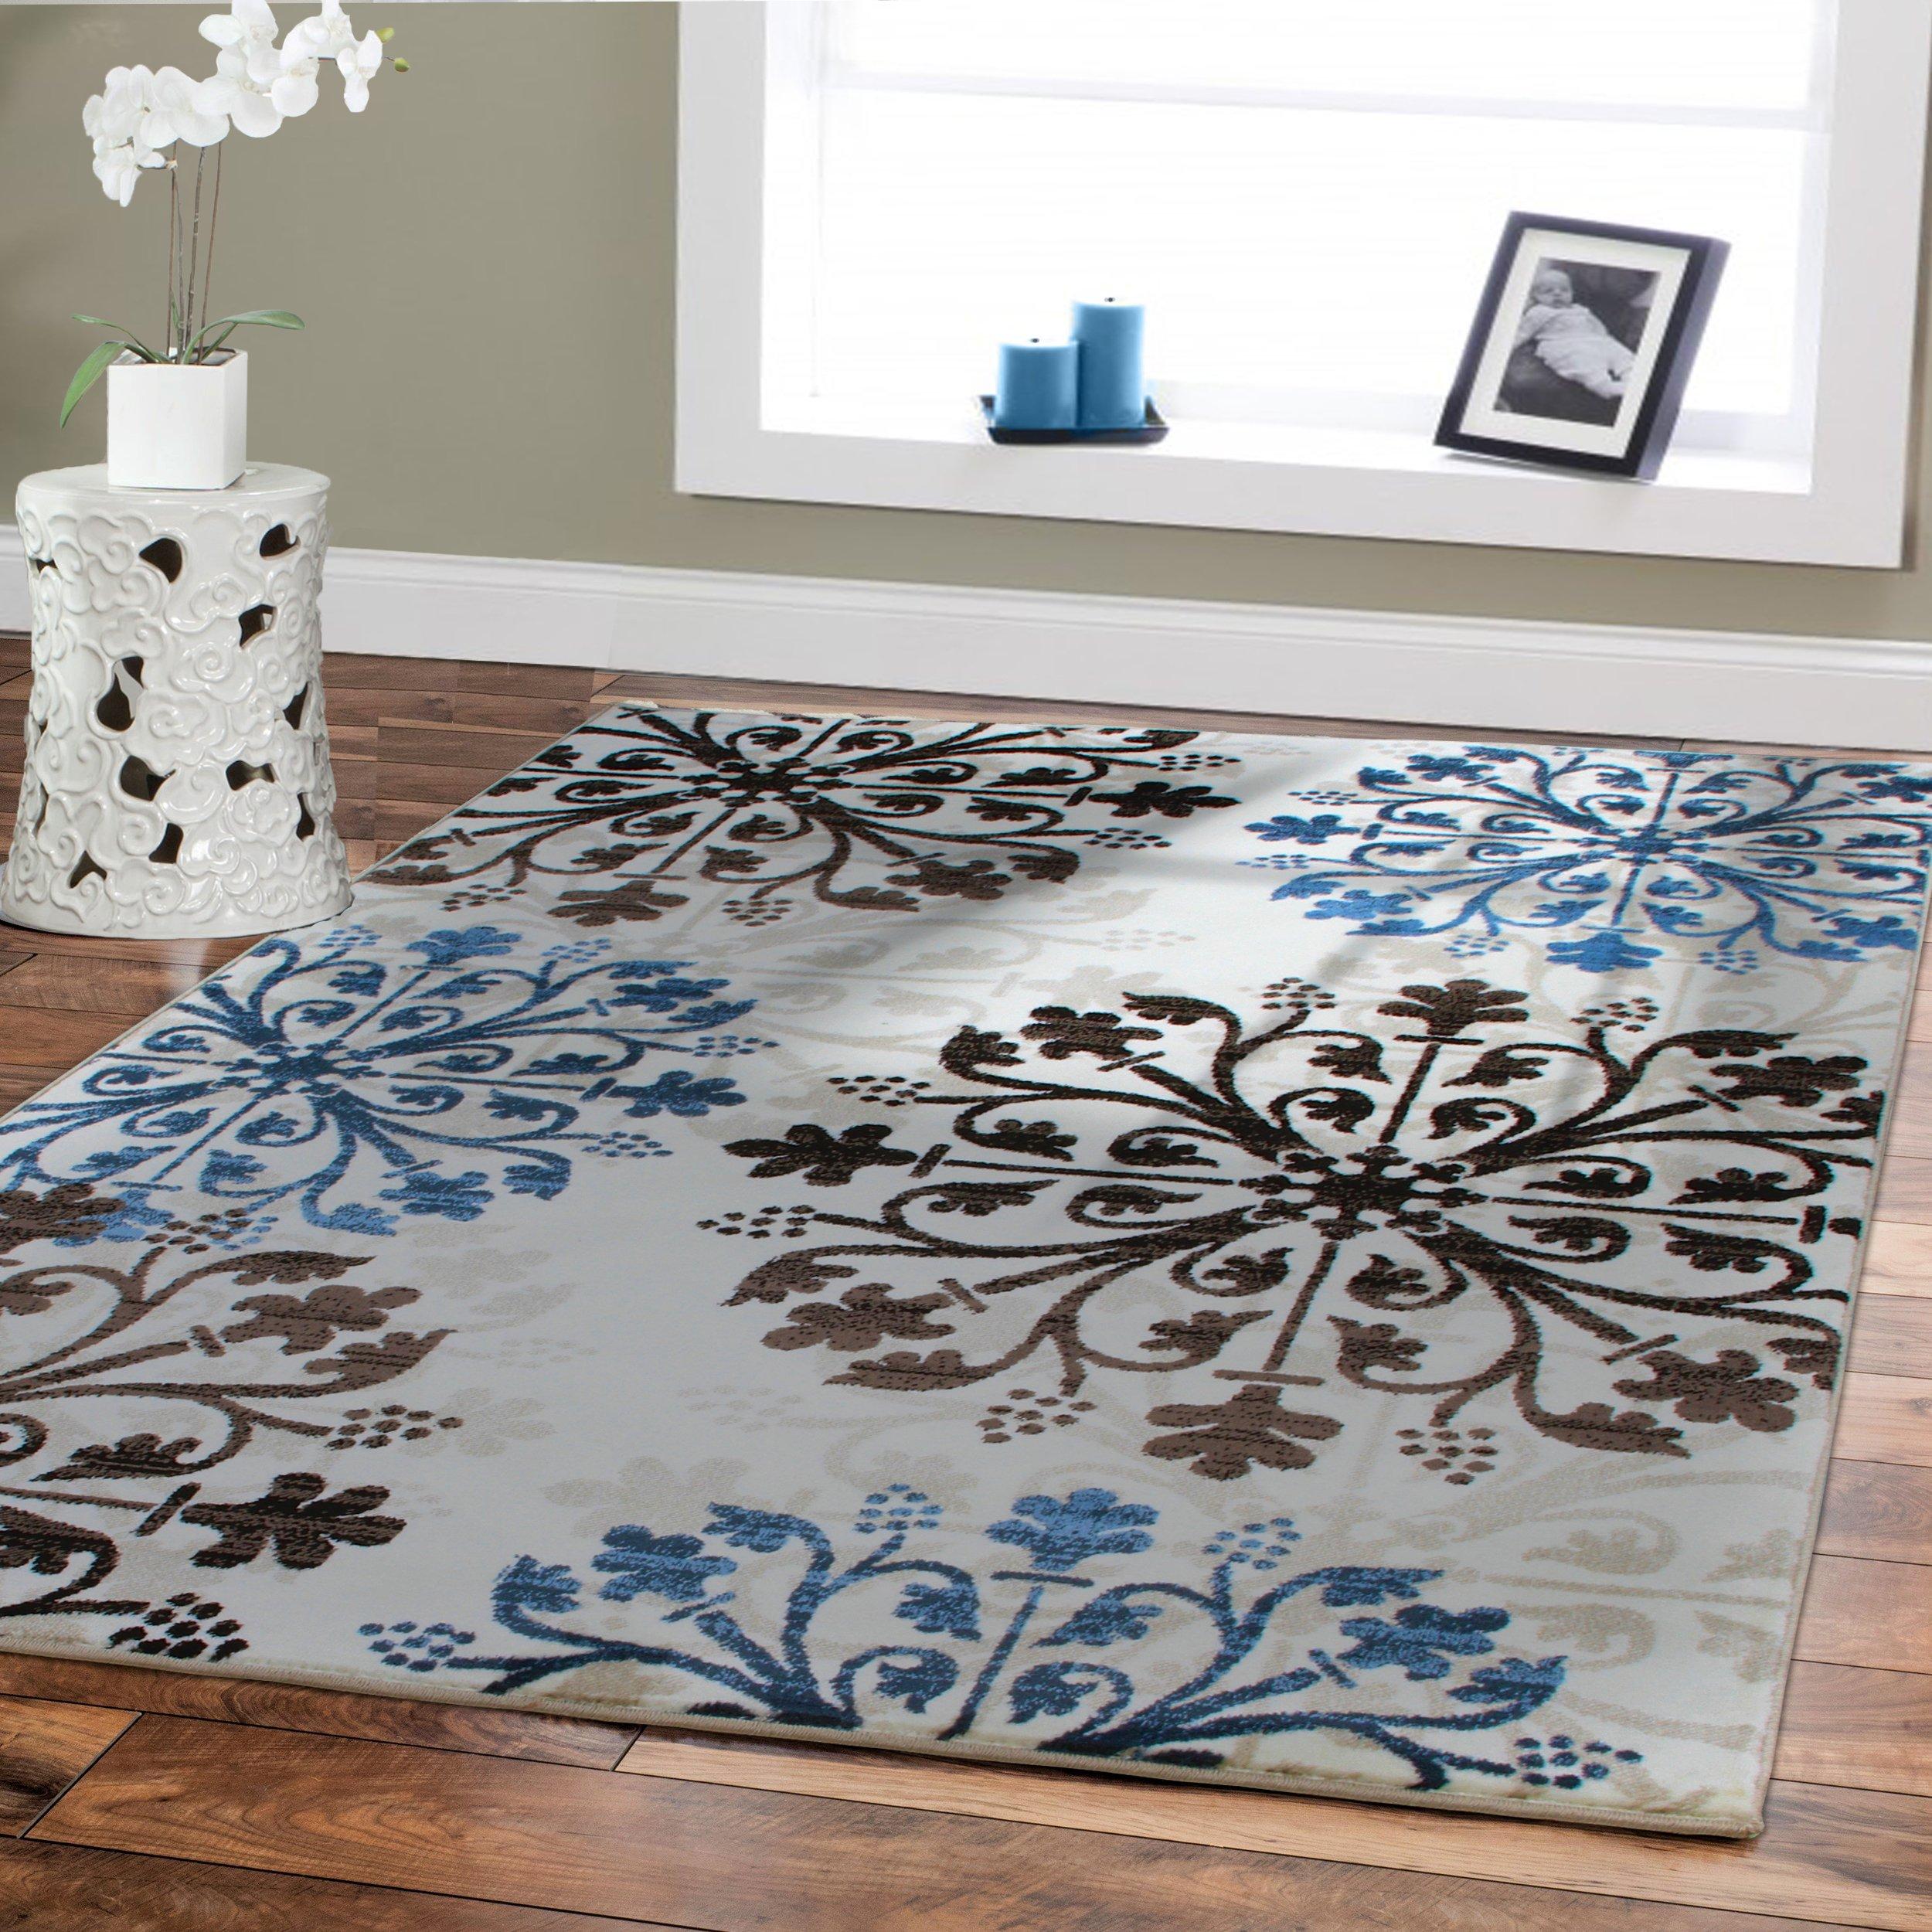 Black White Blue Bedroom Bedroom Carpet Grey Black White Gray Bedroom Bedroom Colour Pic: Premium Soft Rugs For Living Room Luxury 5x8 Cream Blue